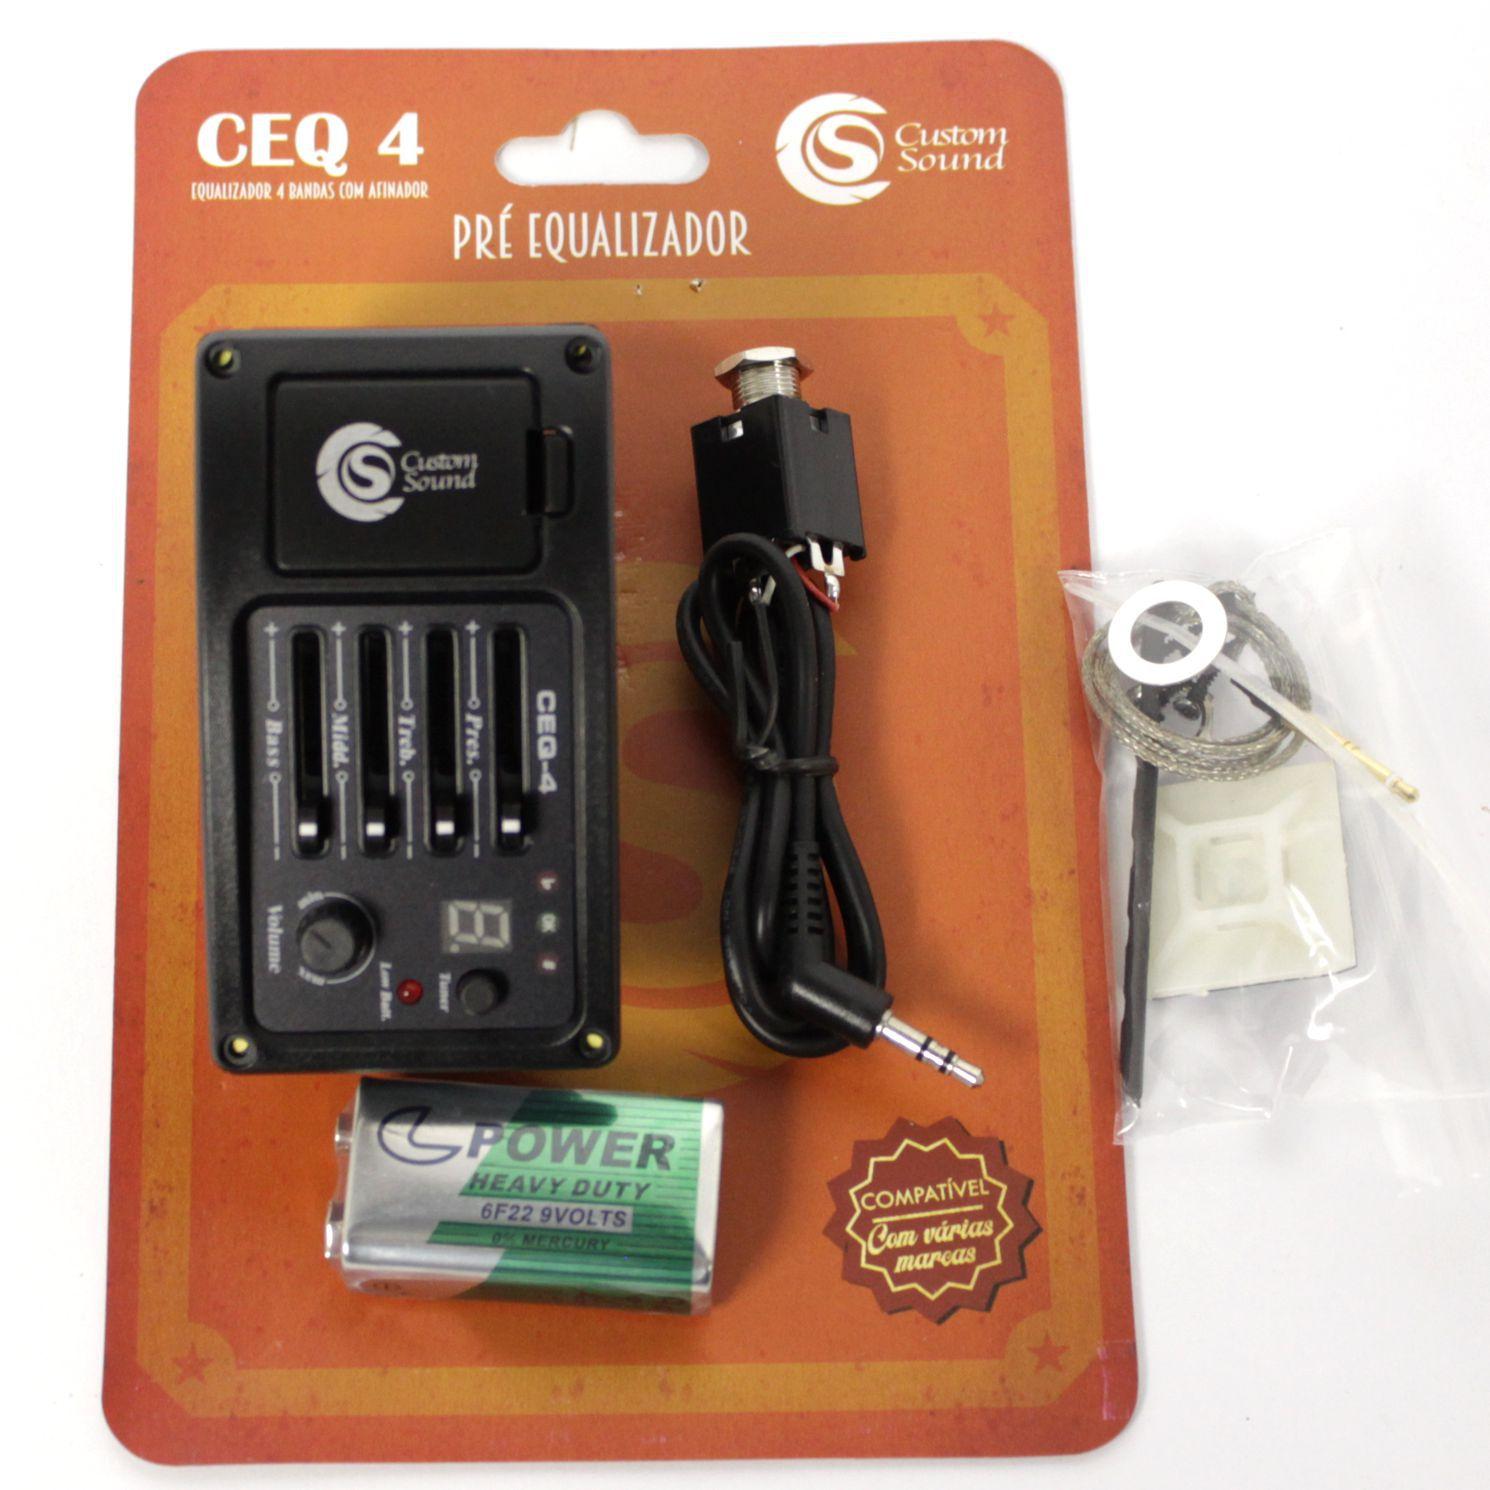 Captador de Violão Custom Sound CEQ-4 com Afinador e Equalizador 4 Bandas